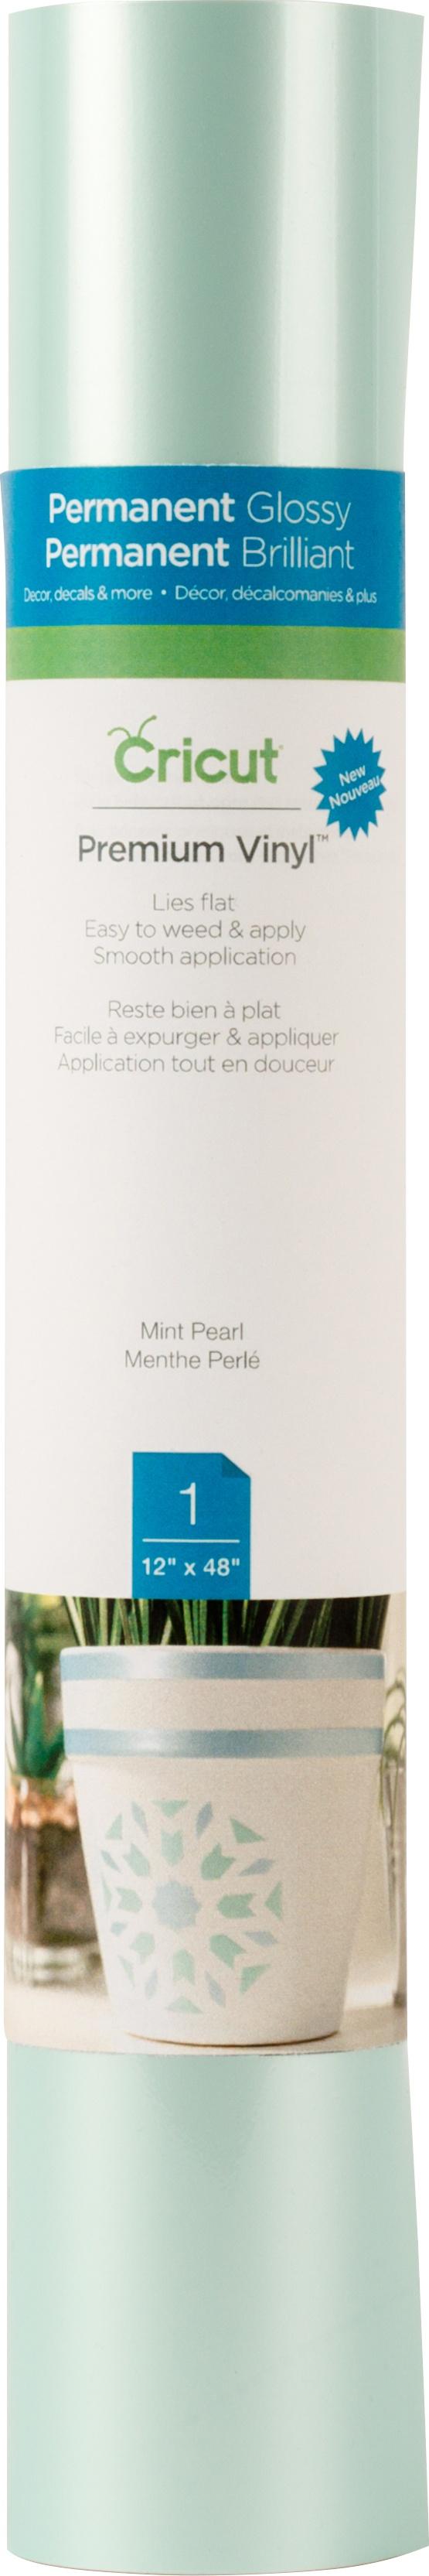 MINT PEARL-CRICUT VINYL 12X48